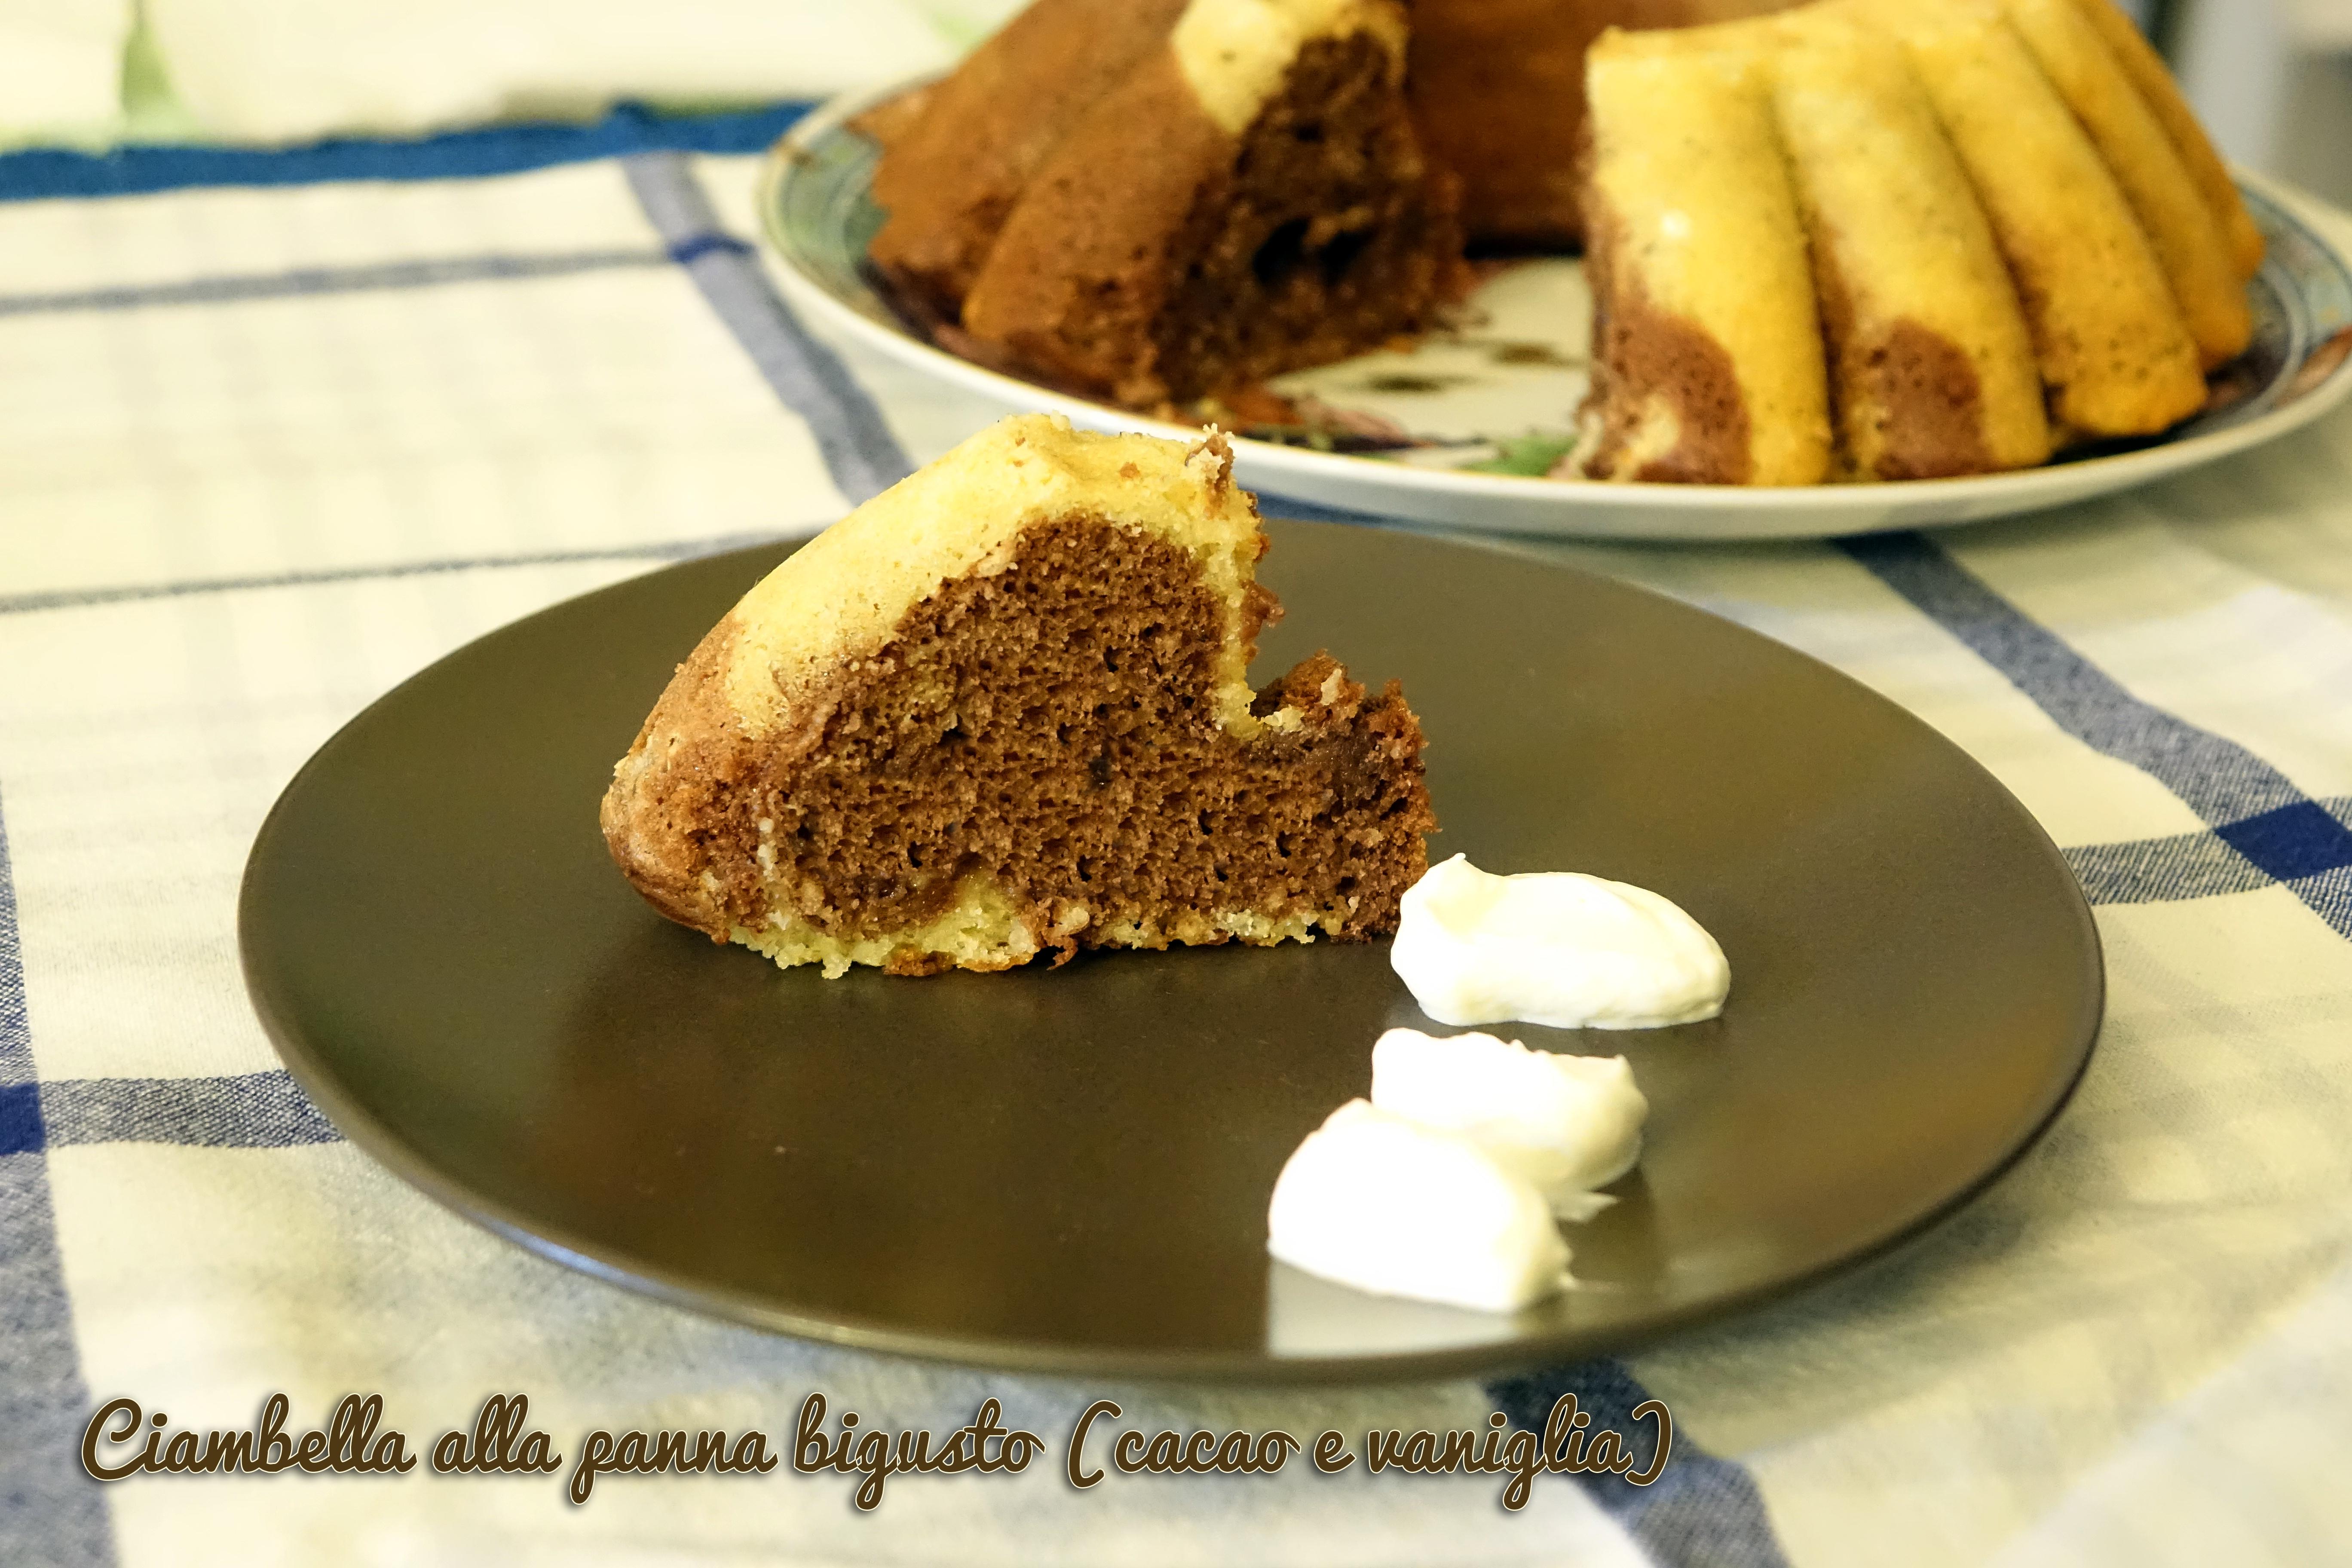 Ciambella alla panna bigusto (cacao e vaniglia)